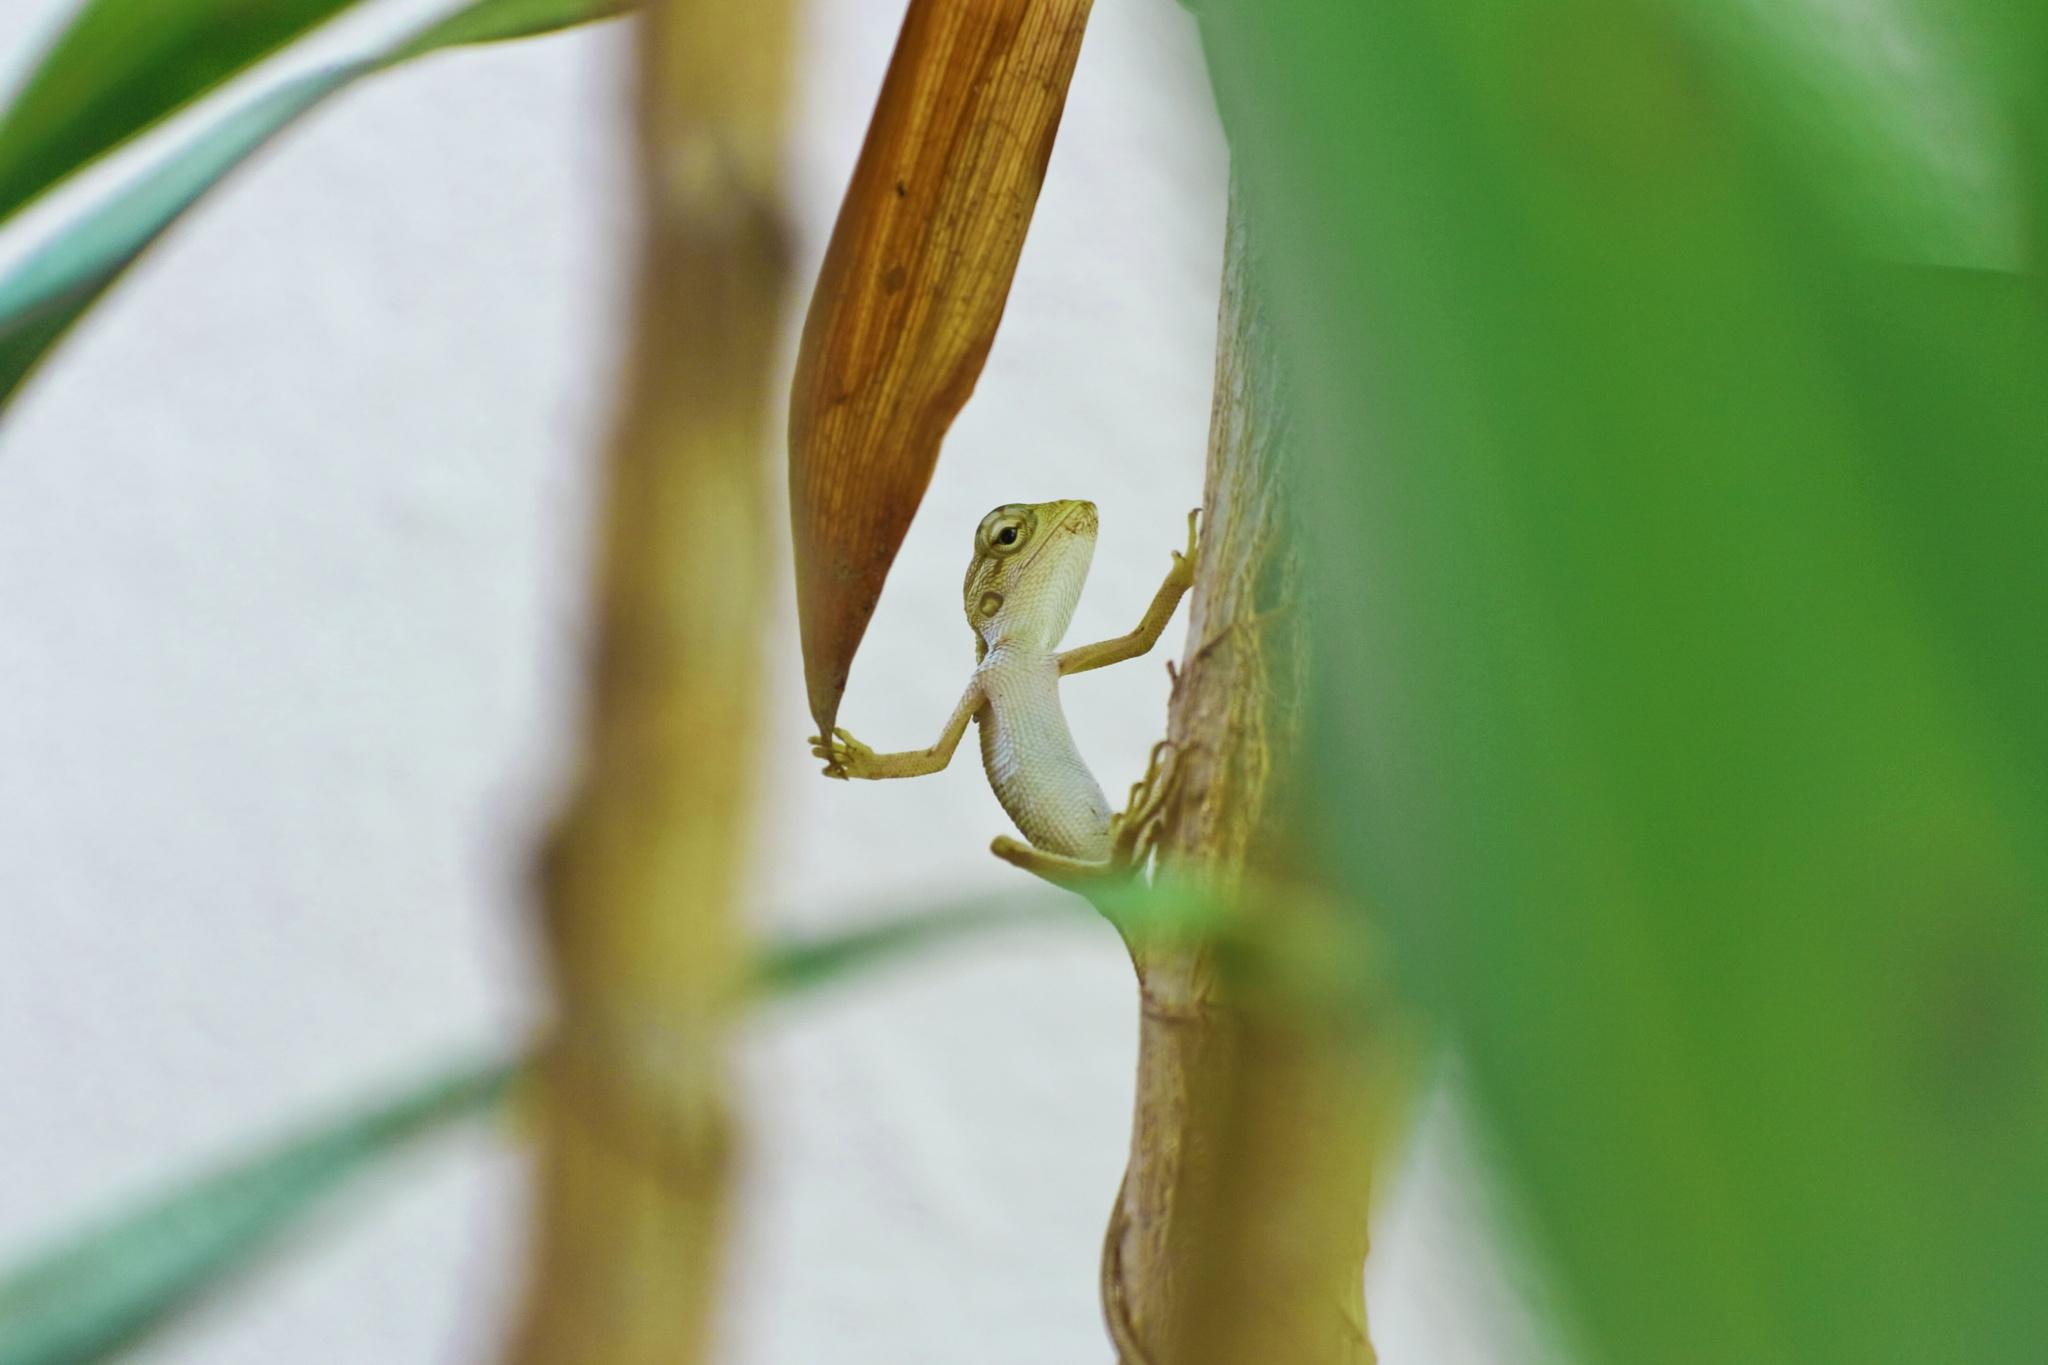 oriental garden lizard by Dineshdk